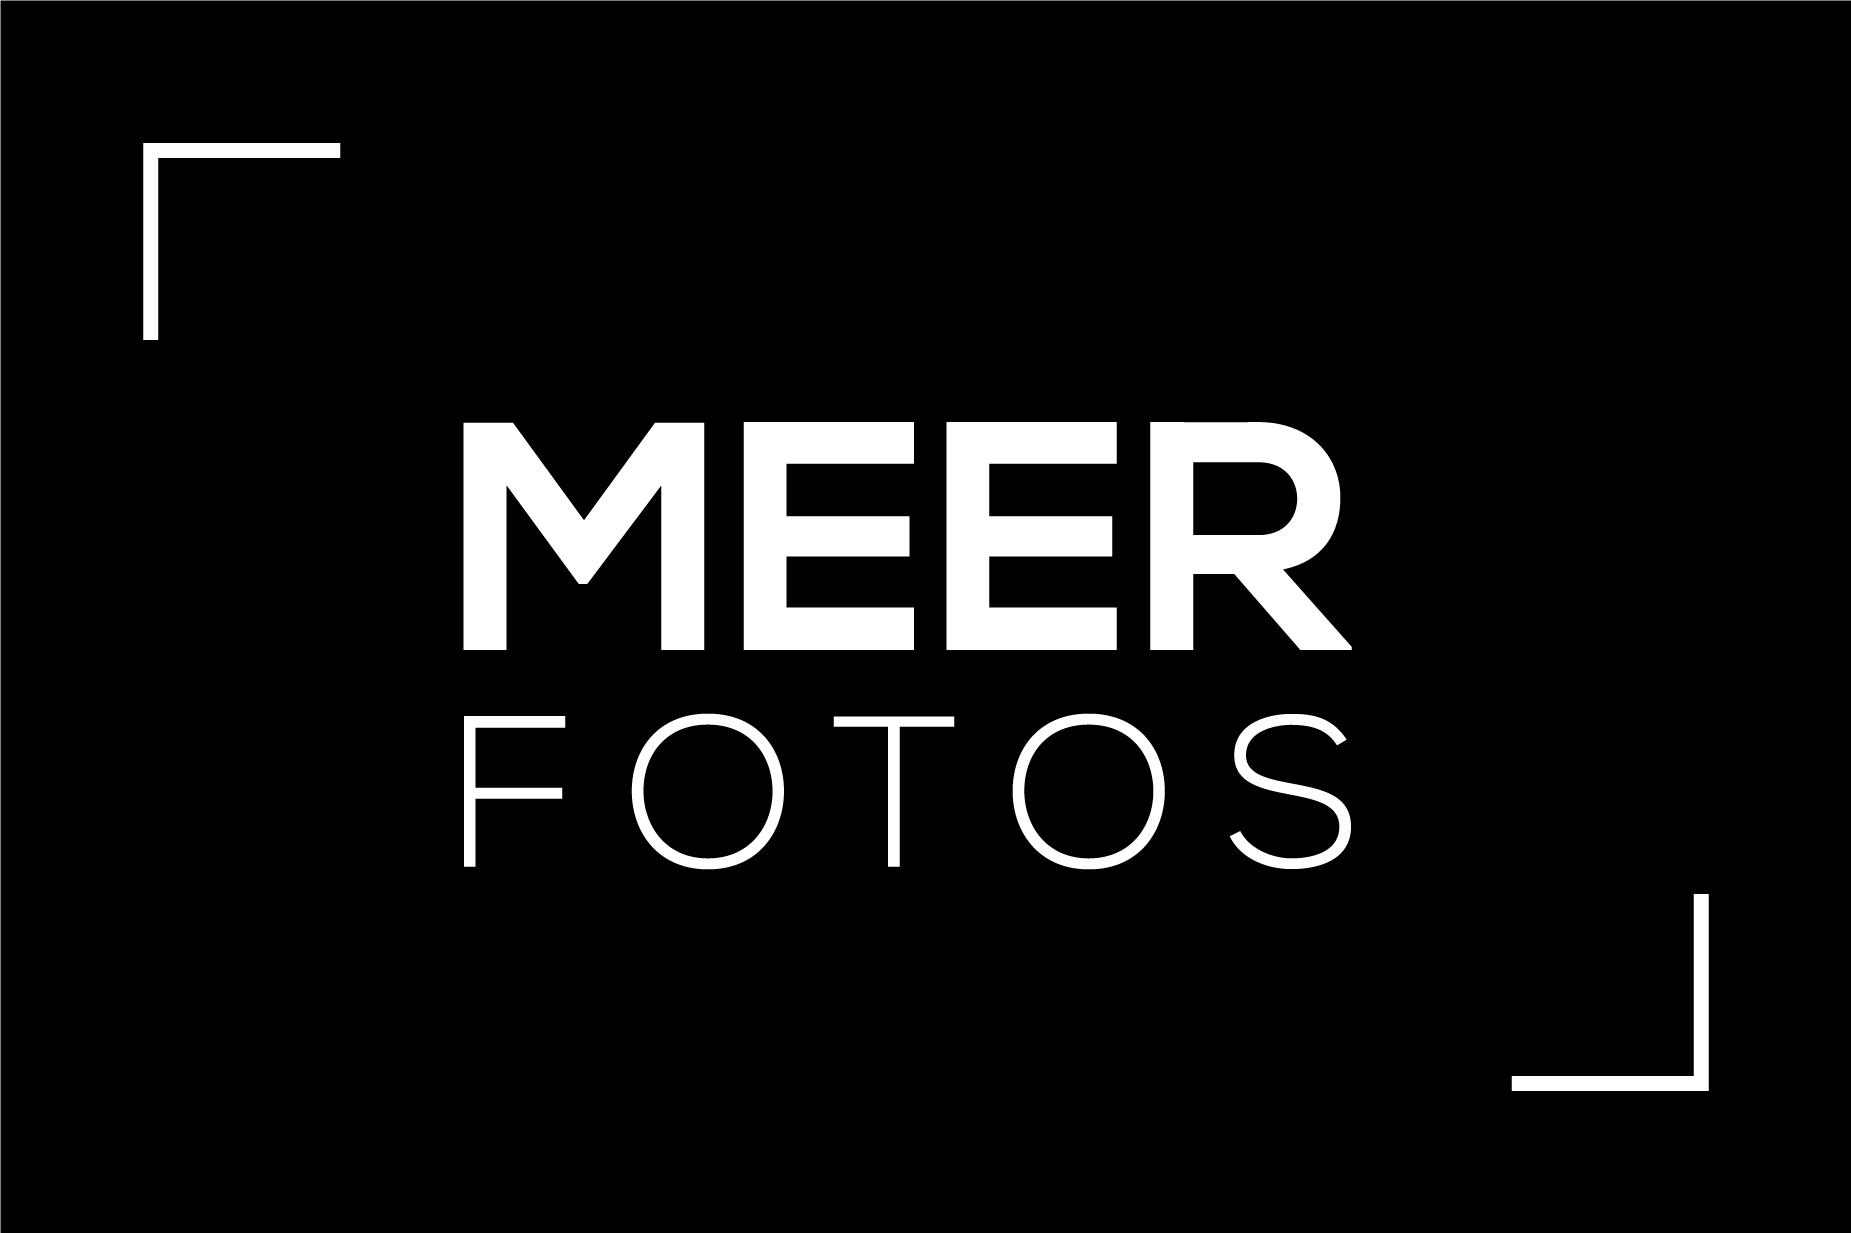 MeerFotos